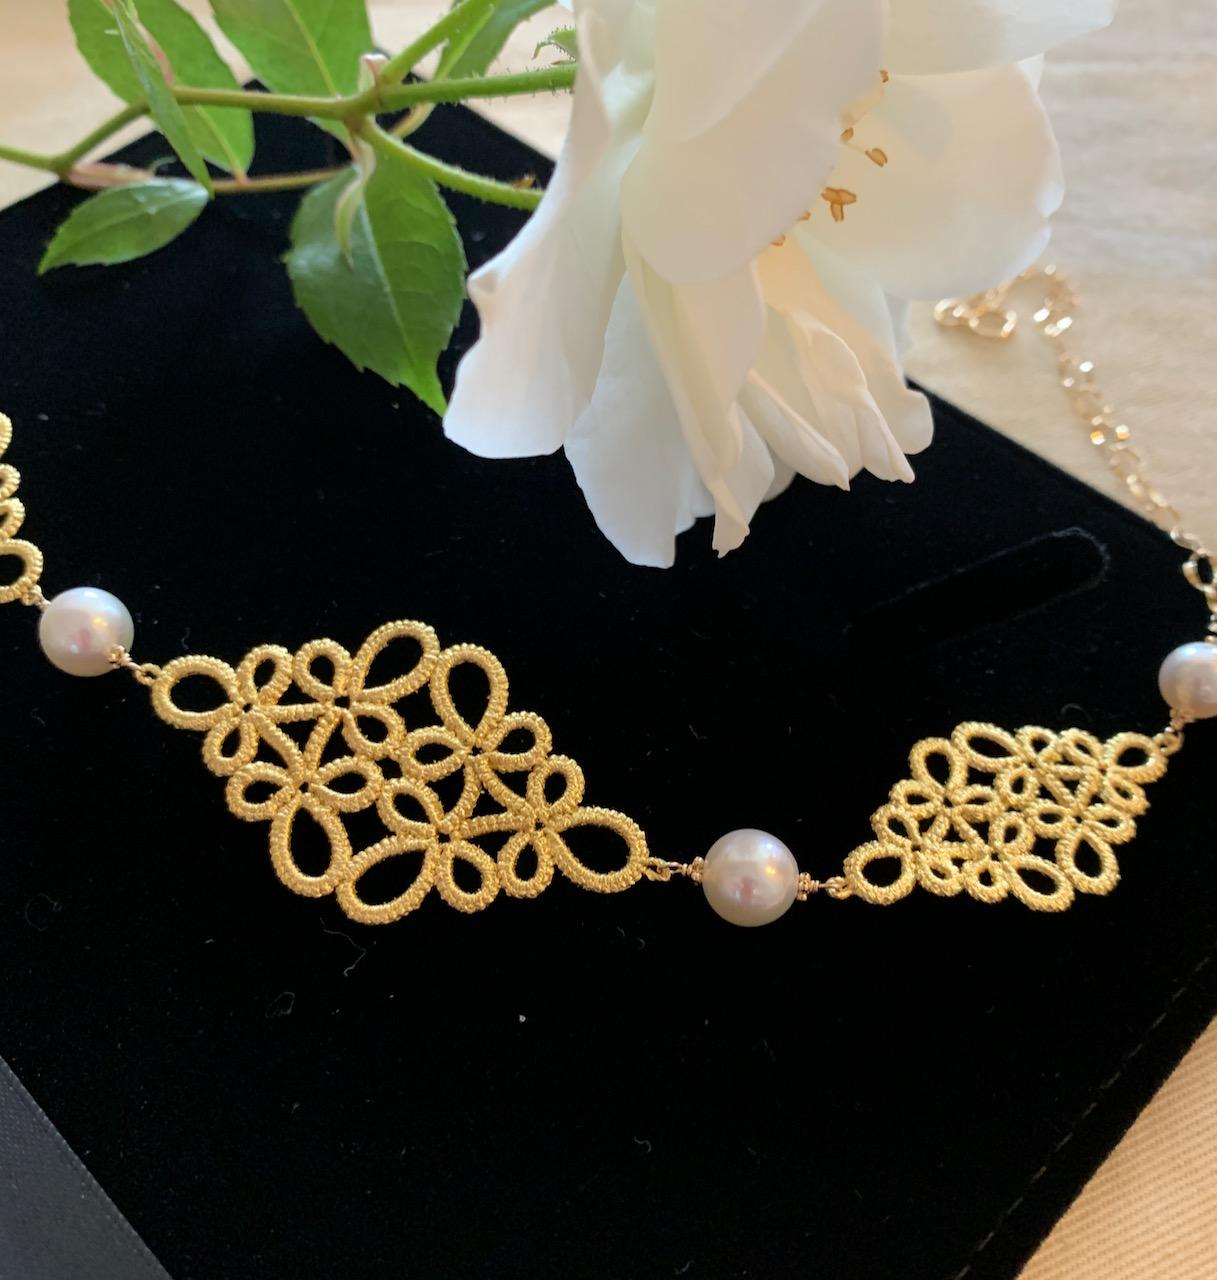 緊迫ジュエリーGold-Knot、金箔レースとあこや真珠。グレードアップの作品です。